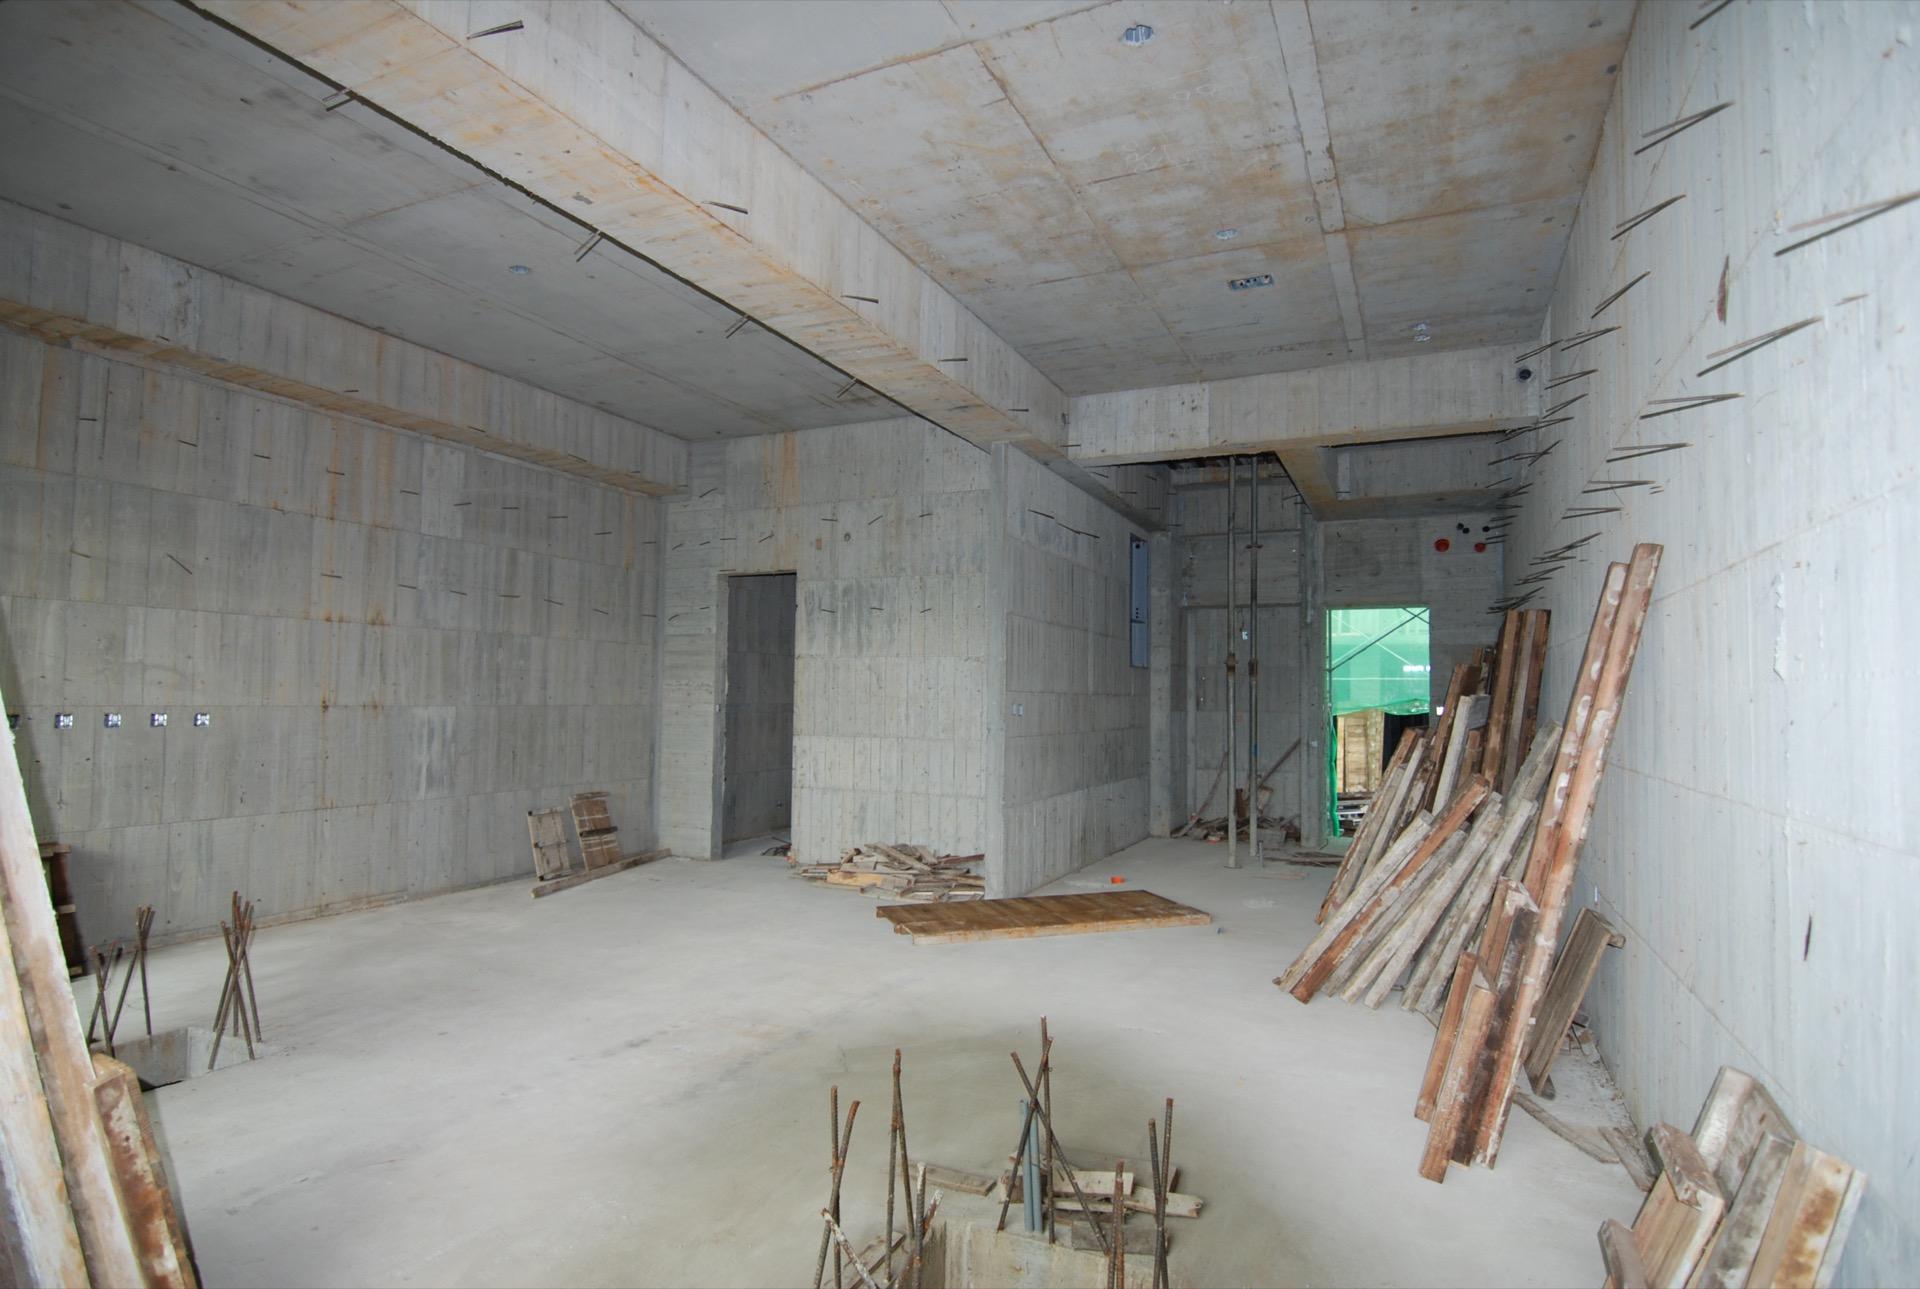 德築-DEZU-project-Zutian-architecture-real-estate-engineering-23